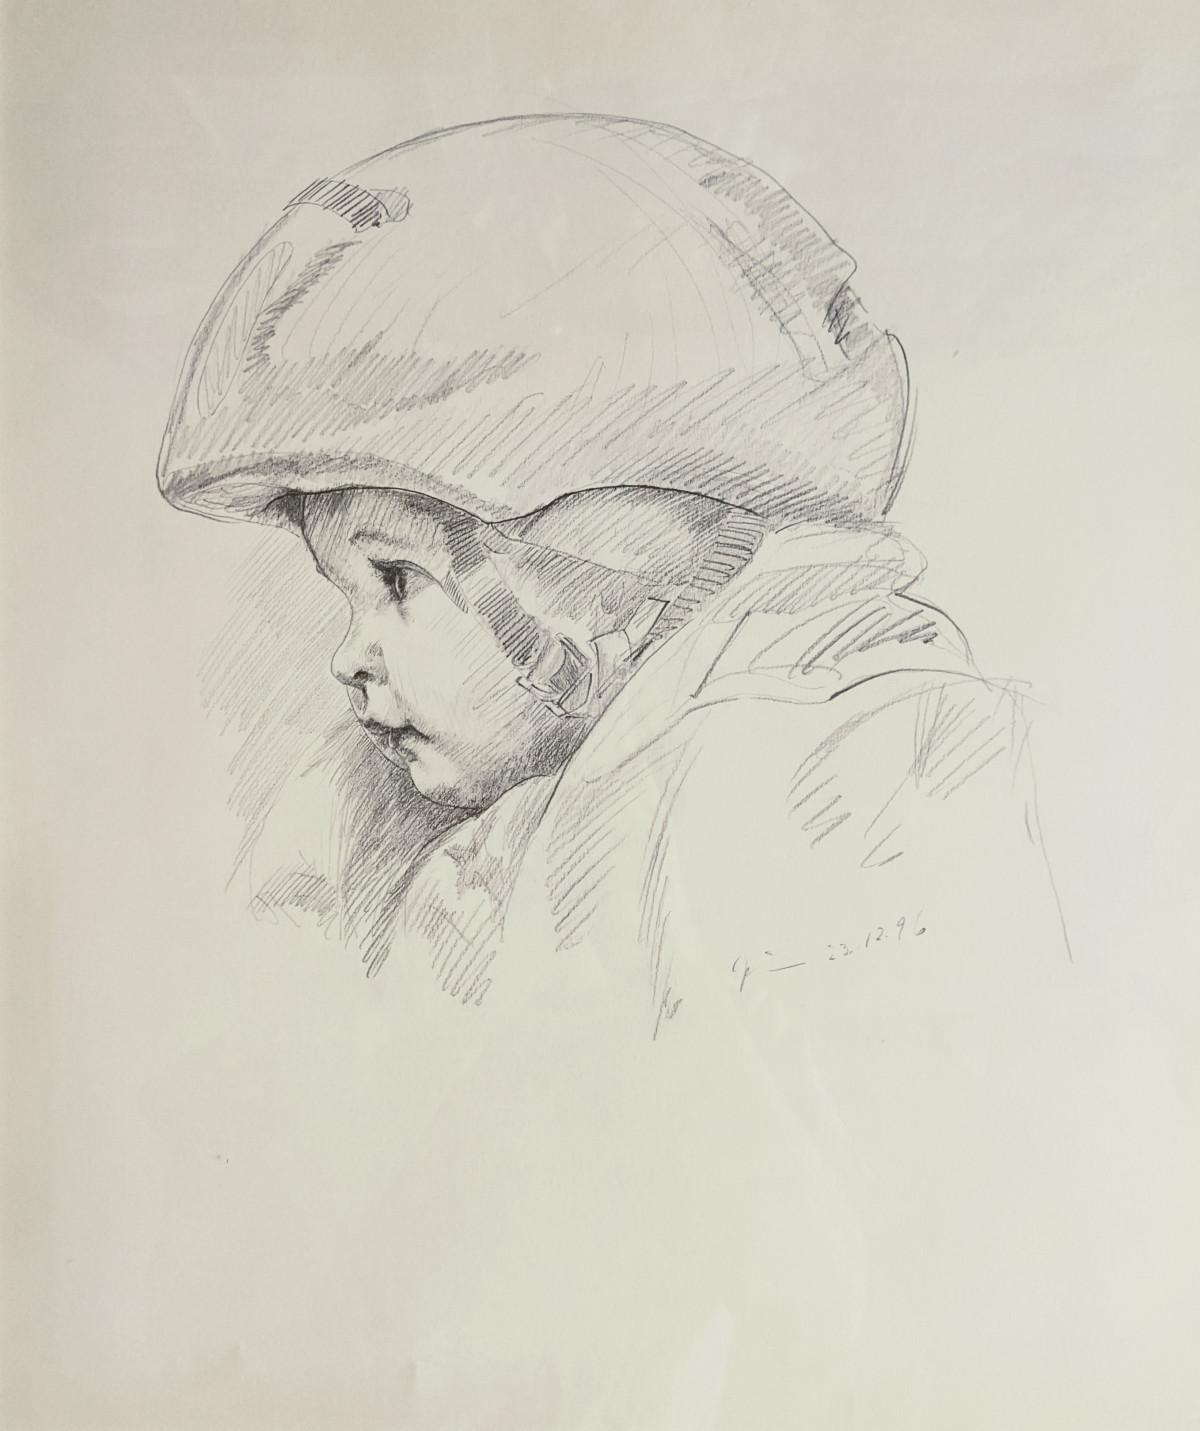 Enkelin im Fahrradsitz, Bleistiftzeichnung, 23.12.1996